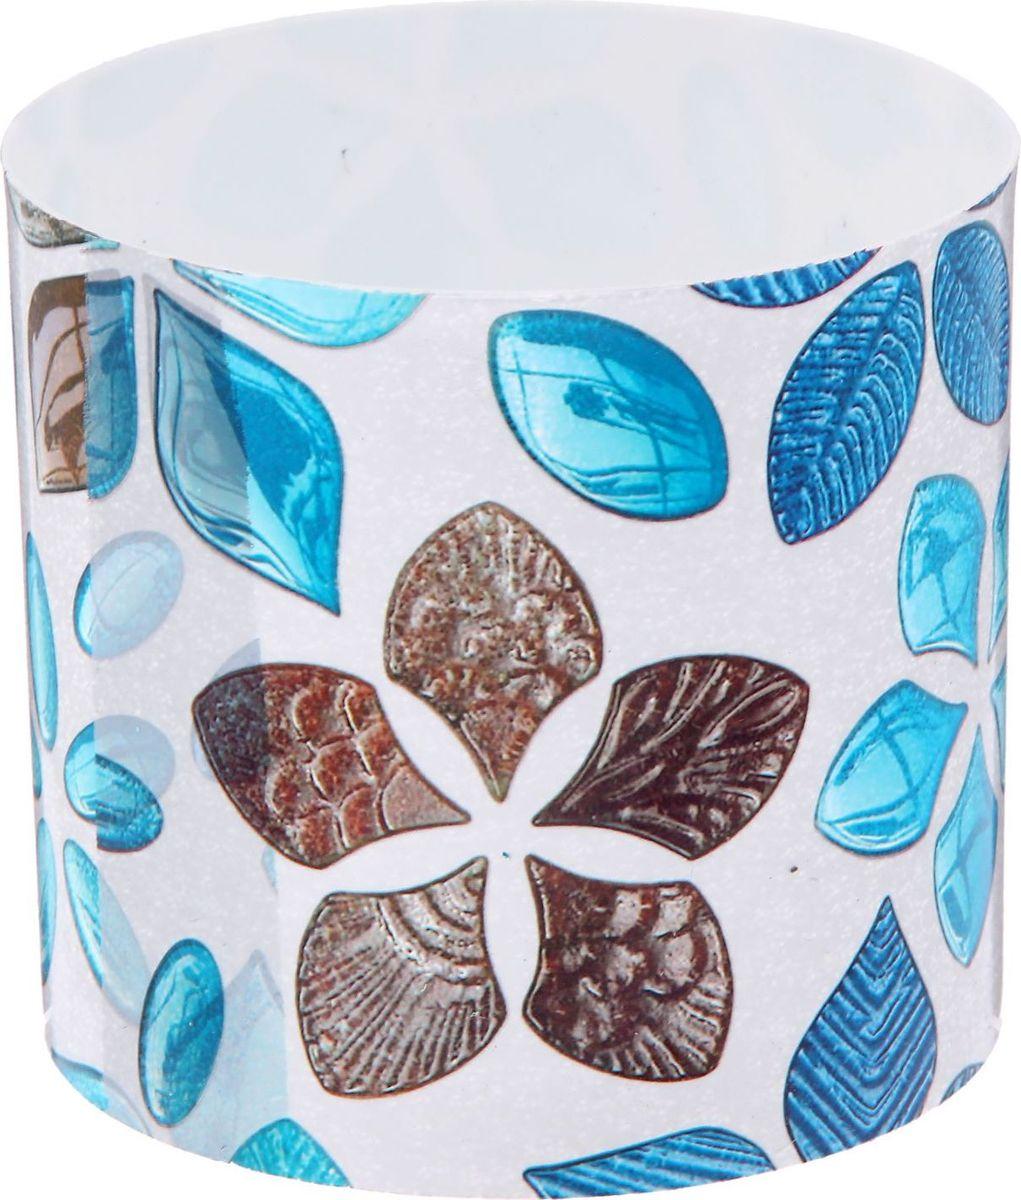 Горшок для цветов Simple Garden Стеклянные цветы, со скрытым поддоном, цвет: голубой, 1 л100-49000000-60Любой, даже самый современный и продуманный интерьер будет незавершённым без растений. Они не только очищают воздух и насыщают его кислородом, но и украшают окружающее пространство. Такому полезному члену семьи просто необходим красивый и функциональный дом! Мы предлагаем #name#! Оптимальный выбор материала — пластмасса! Почему мы так считаем?Малый вес. С лёгкостью переносите горшки и кашпо с места на место, ставьте их на столики или полки, не беспокоясь о нагрузке. Простота ухода. Кашпо не нуждается в специальных условиях хранения. Его легко чистить — достаточно просто сполоснуть тёплой водой. Никаких потёртостей. Такие кашпо не царапают и не загрязняют поверхности, на которых стоят. Пластик дольше хранит влагу, а значит, растение реже нуждается в поливе. Пластмасса не пропускает воздух — корневой системе растения не грозят резкие перепады температур. Огромный выбор форм, декора и расцветок — вы без труда найдёте что-то, что идеально впишется в уже существующий интерьер. Соблюдая нехитрые правила ухода, вы можете заметно продлить срок службы горшков и кашпо из пластика:всегда учитывайте размер кроны и корневой системы (при разрастании большое растение способно повредить маленький горшок)берегите изделие от воздействия прямых солнечных лучей, чтобы горшки не выцветалидержите кашпо из пластика подальше от нагревающихся поверхностей. Создавайте прекрасные цветочные композиции, выращивайте рассаду или необычные растения.